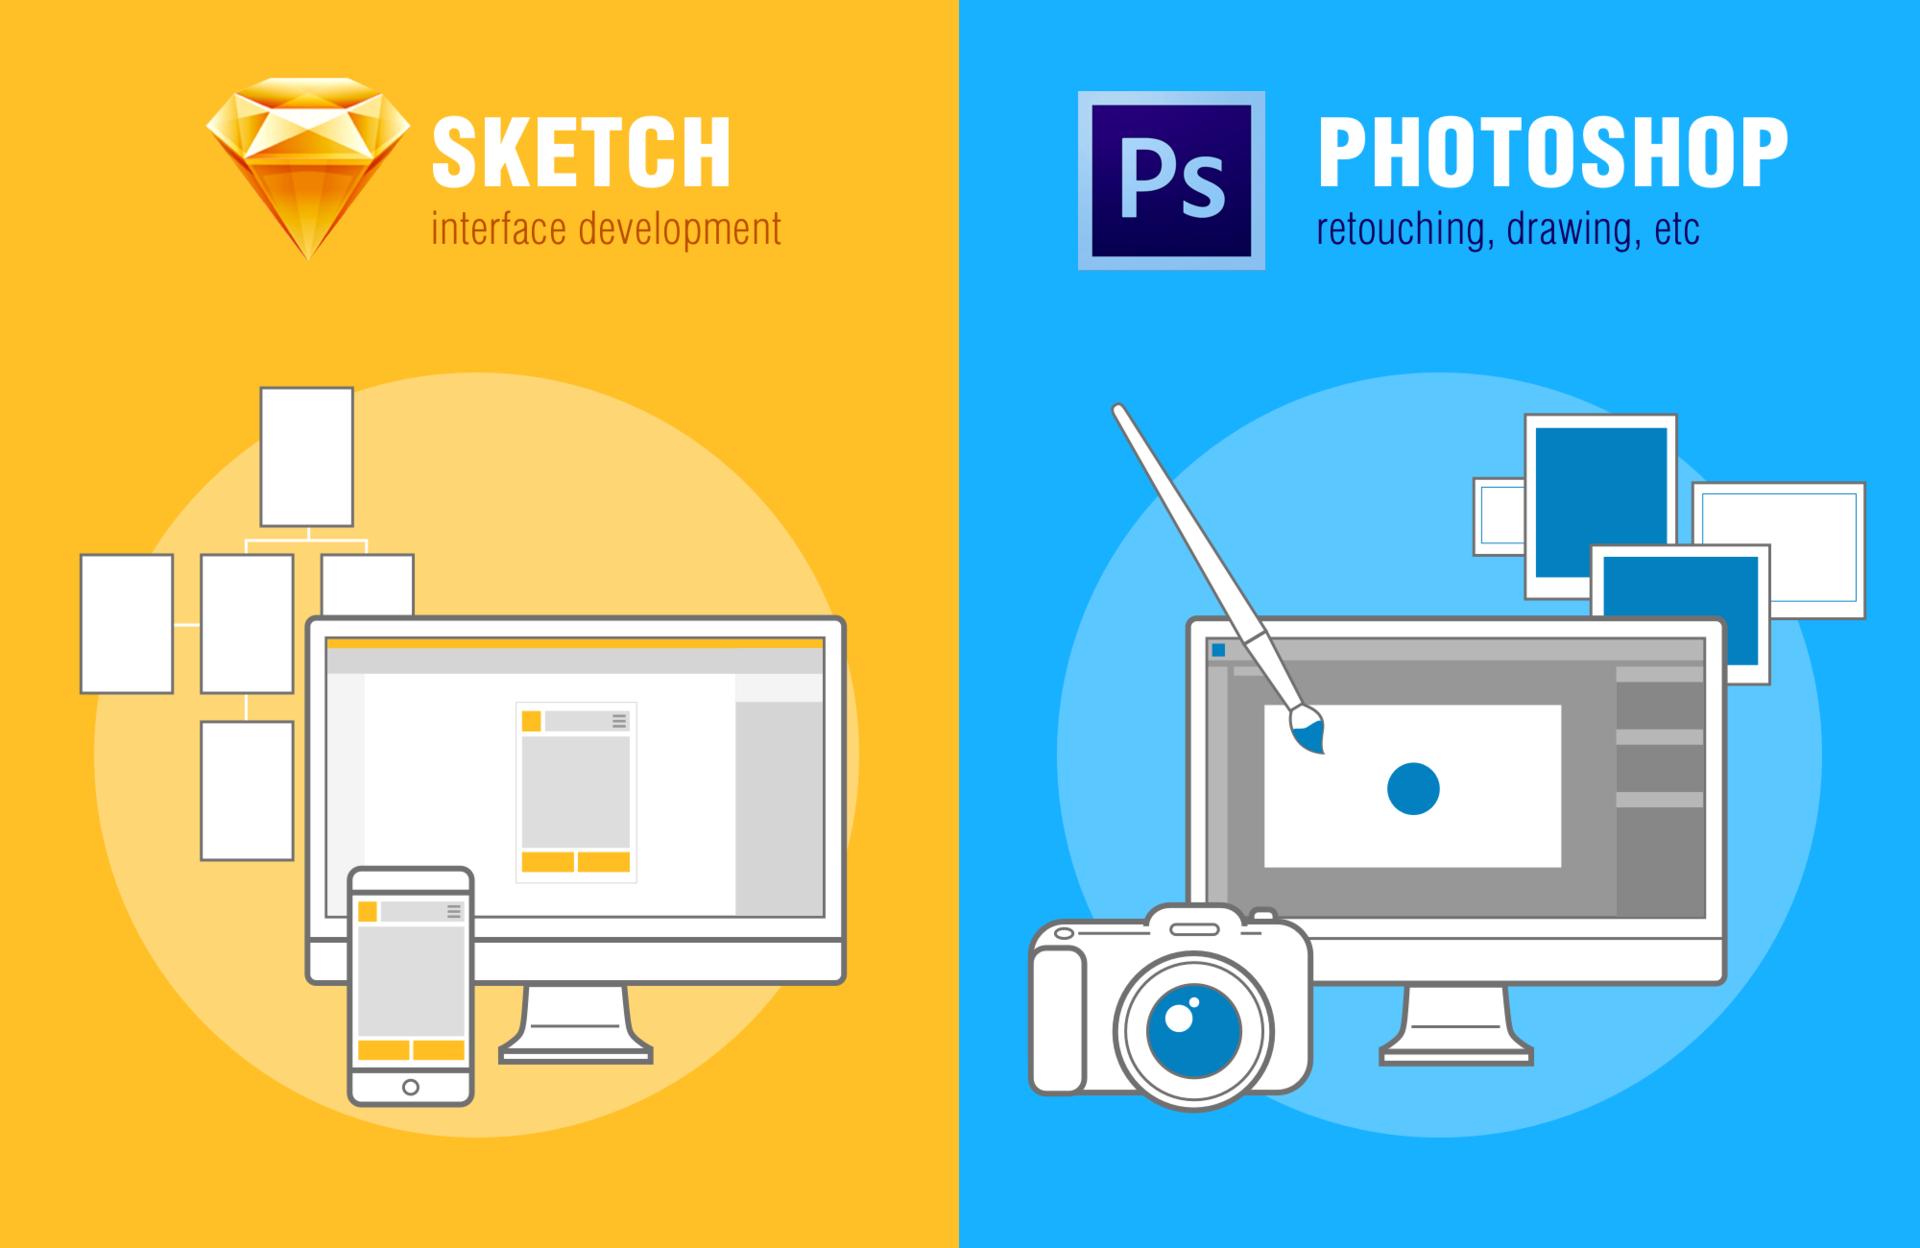 Photoshop, Sketch инструментарий UI-UX-дизайнеров: что выбрать для разработки интерфейсов? - 2